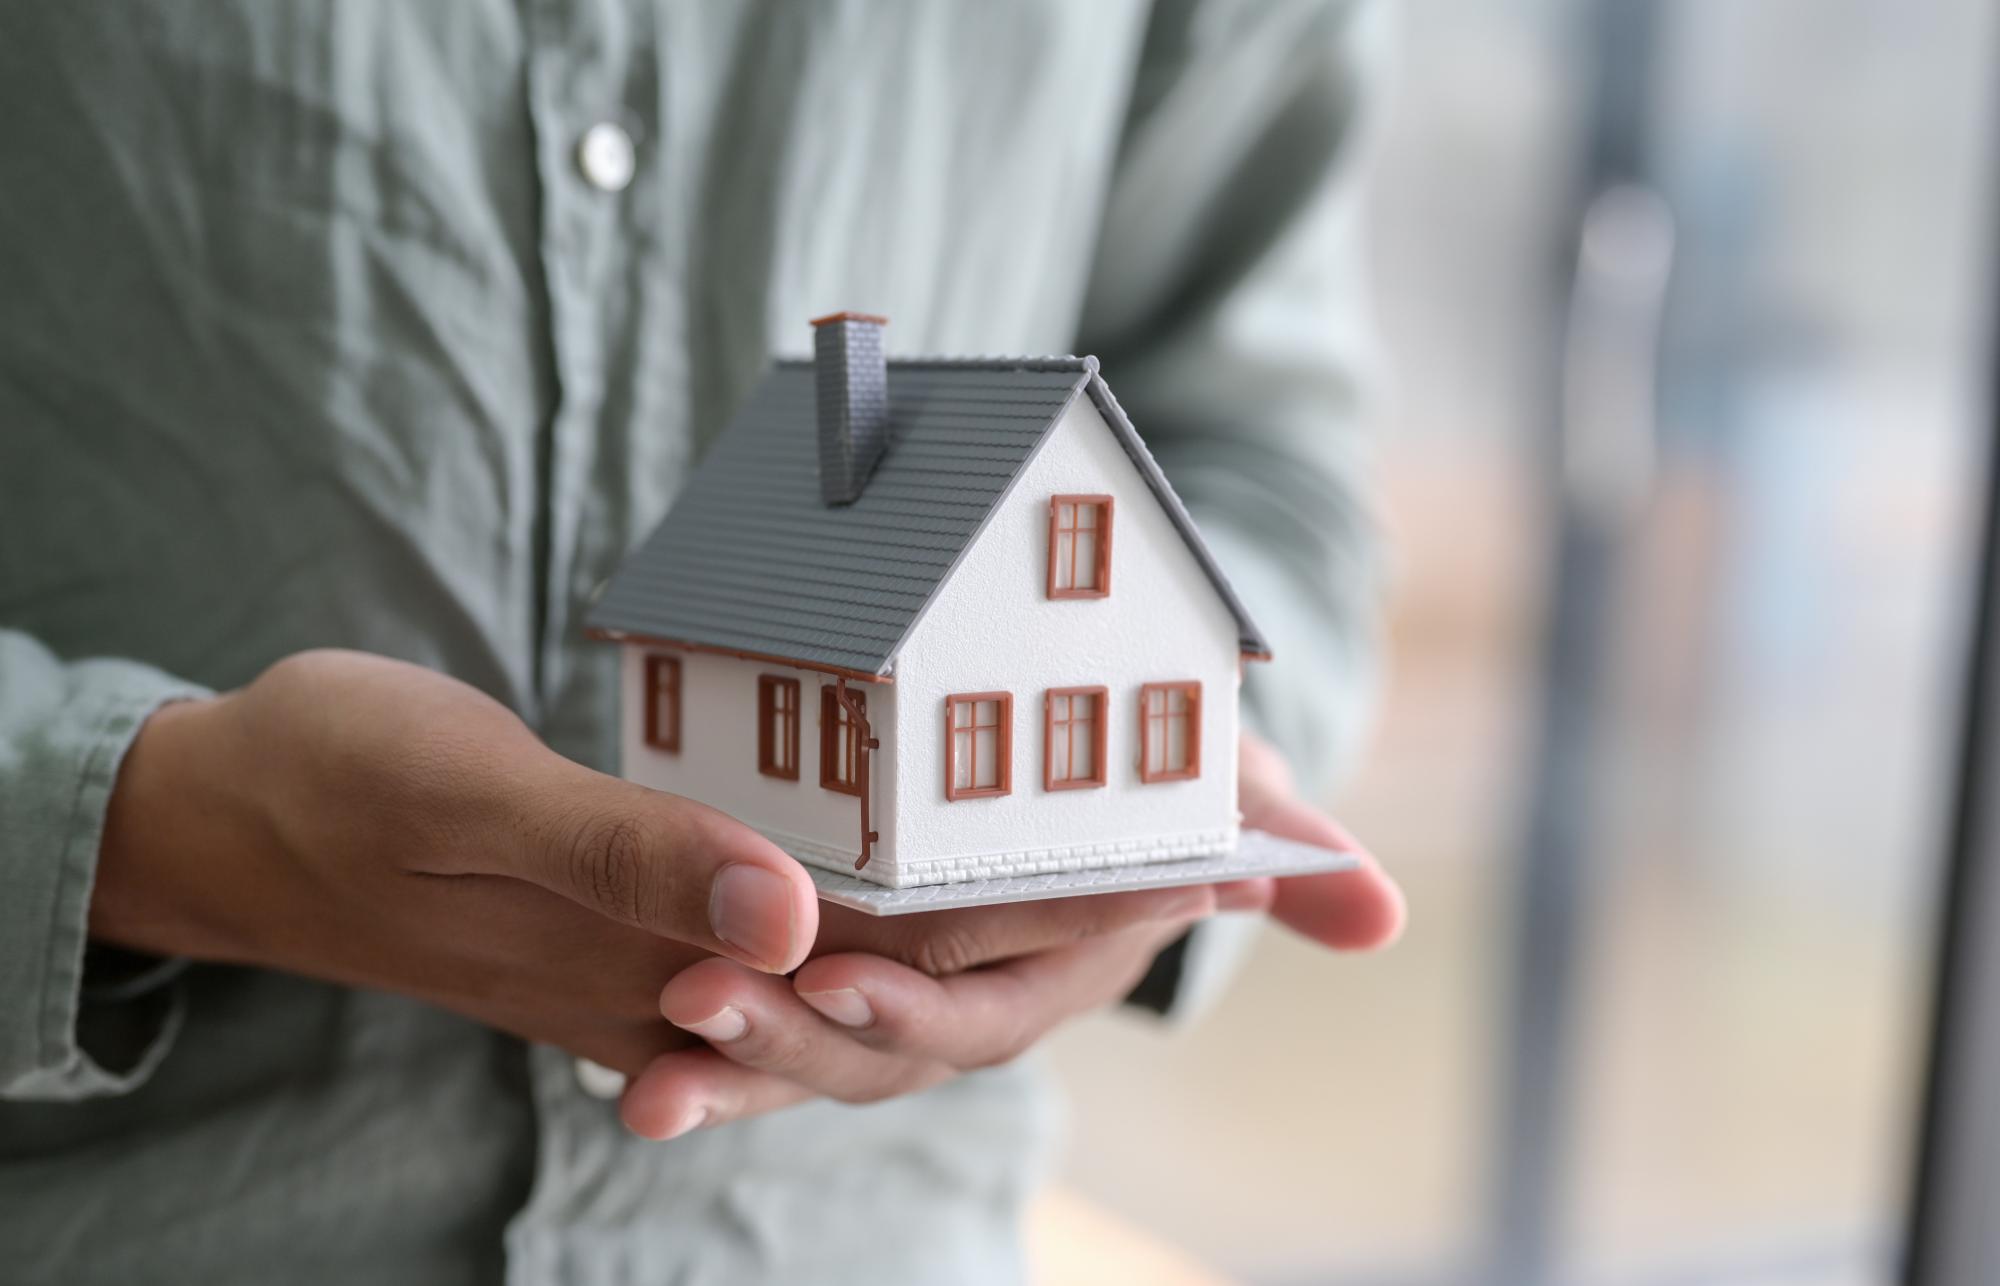 В Великобритании вводится новый налог на продажу недвижимости